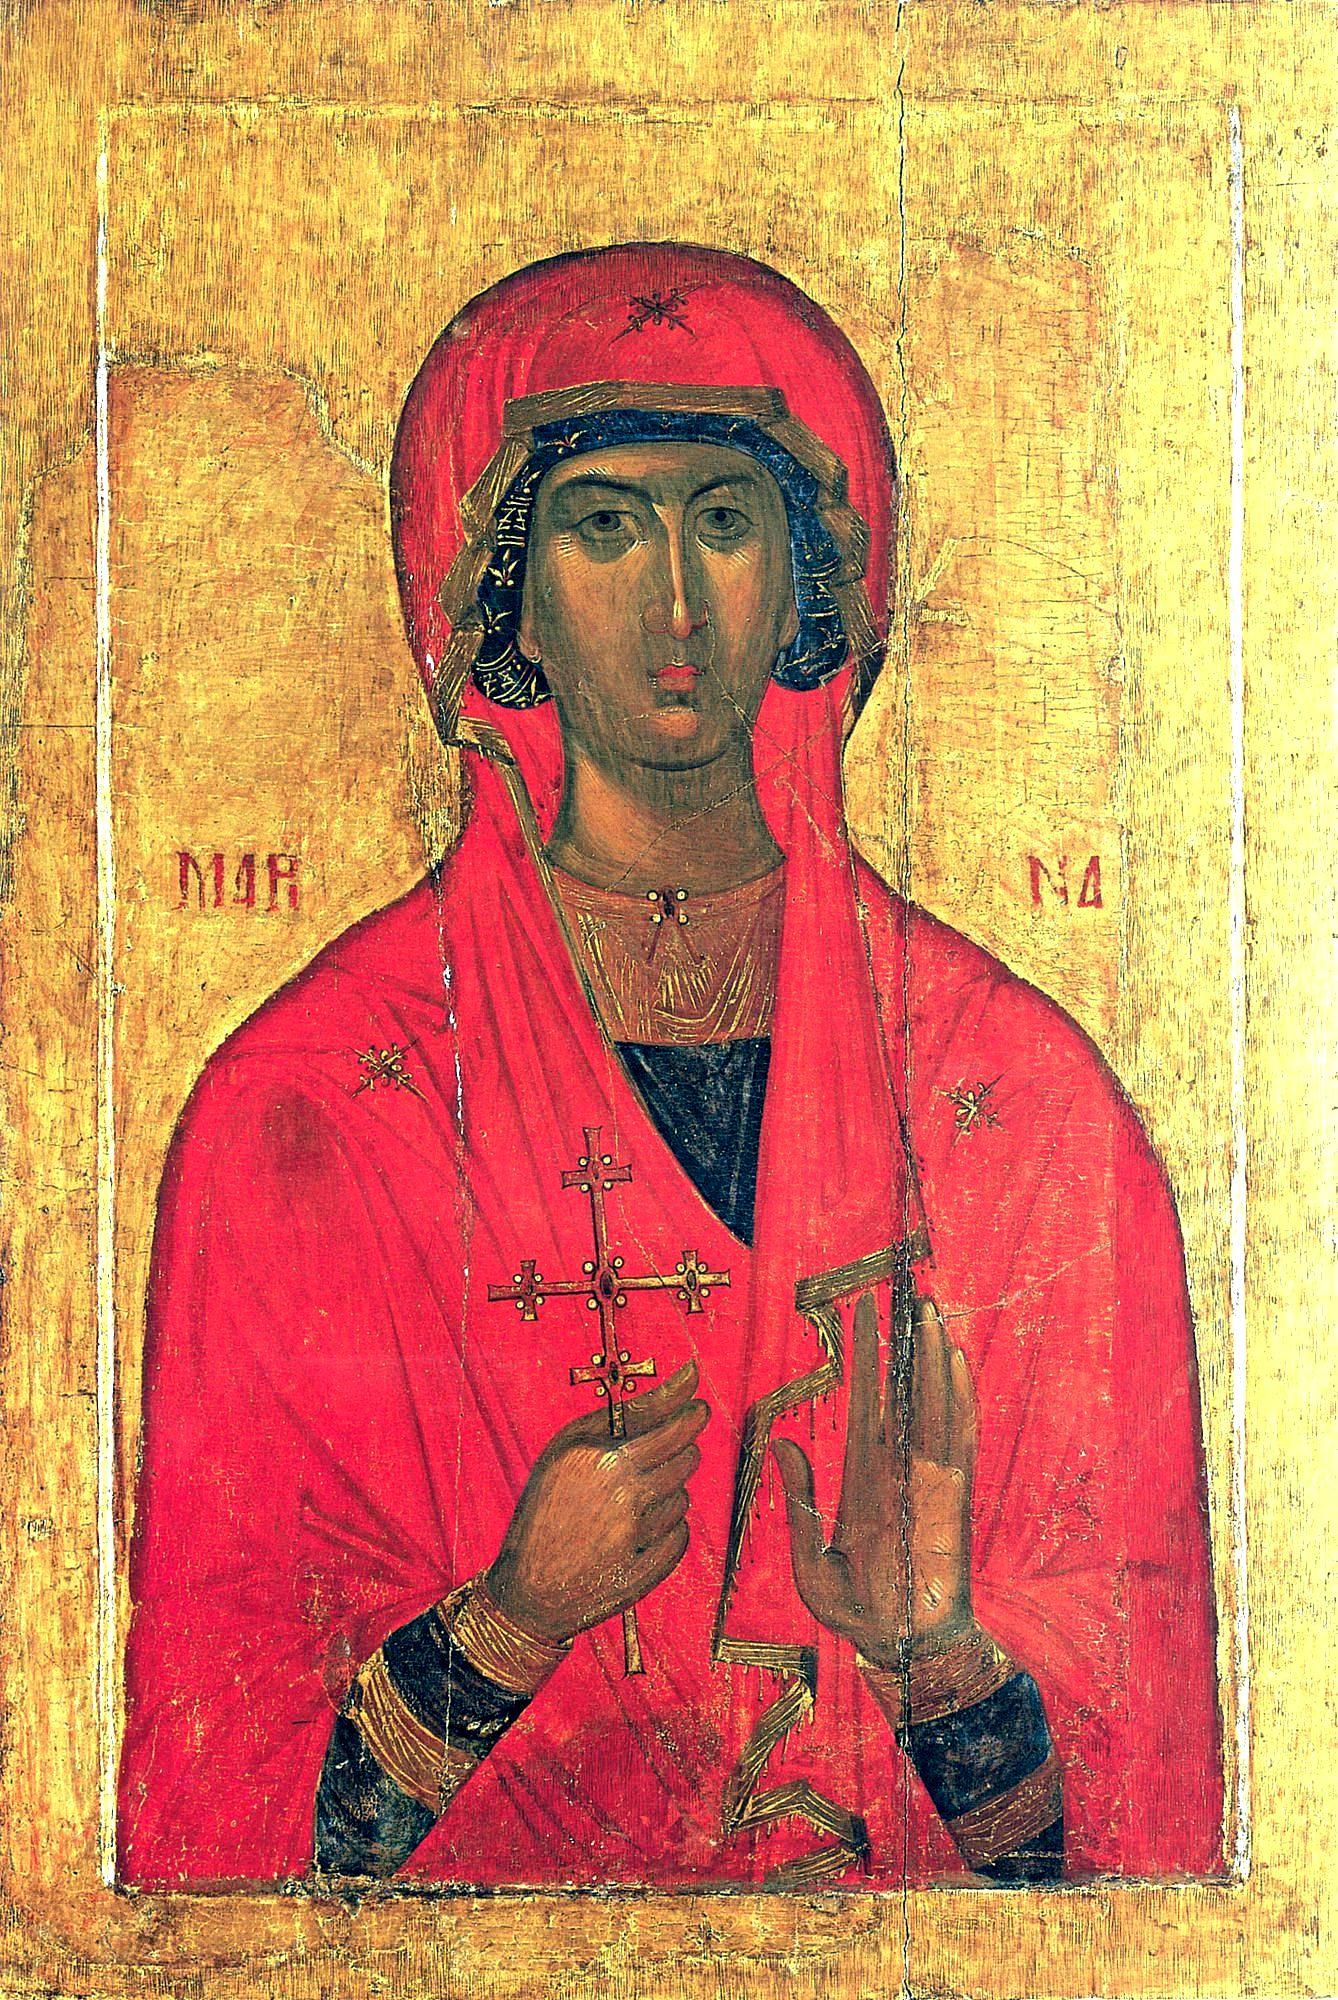 Святая Великомученица Марина (Маргарита) Антиохийская. Икона. Византия, конец XIV - начало XV в. Византийский музей, Афины.